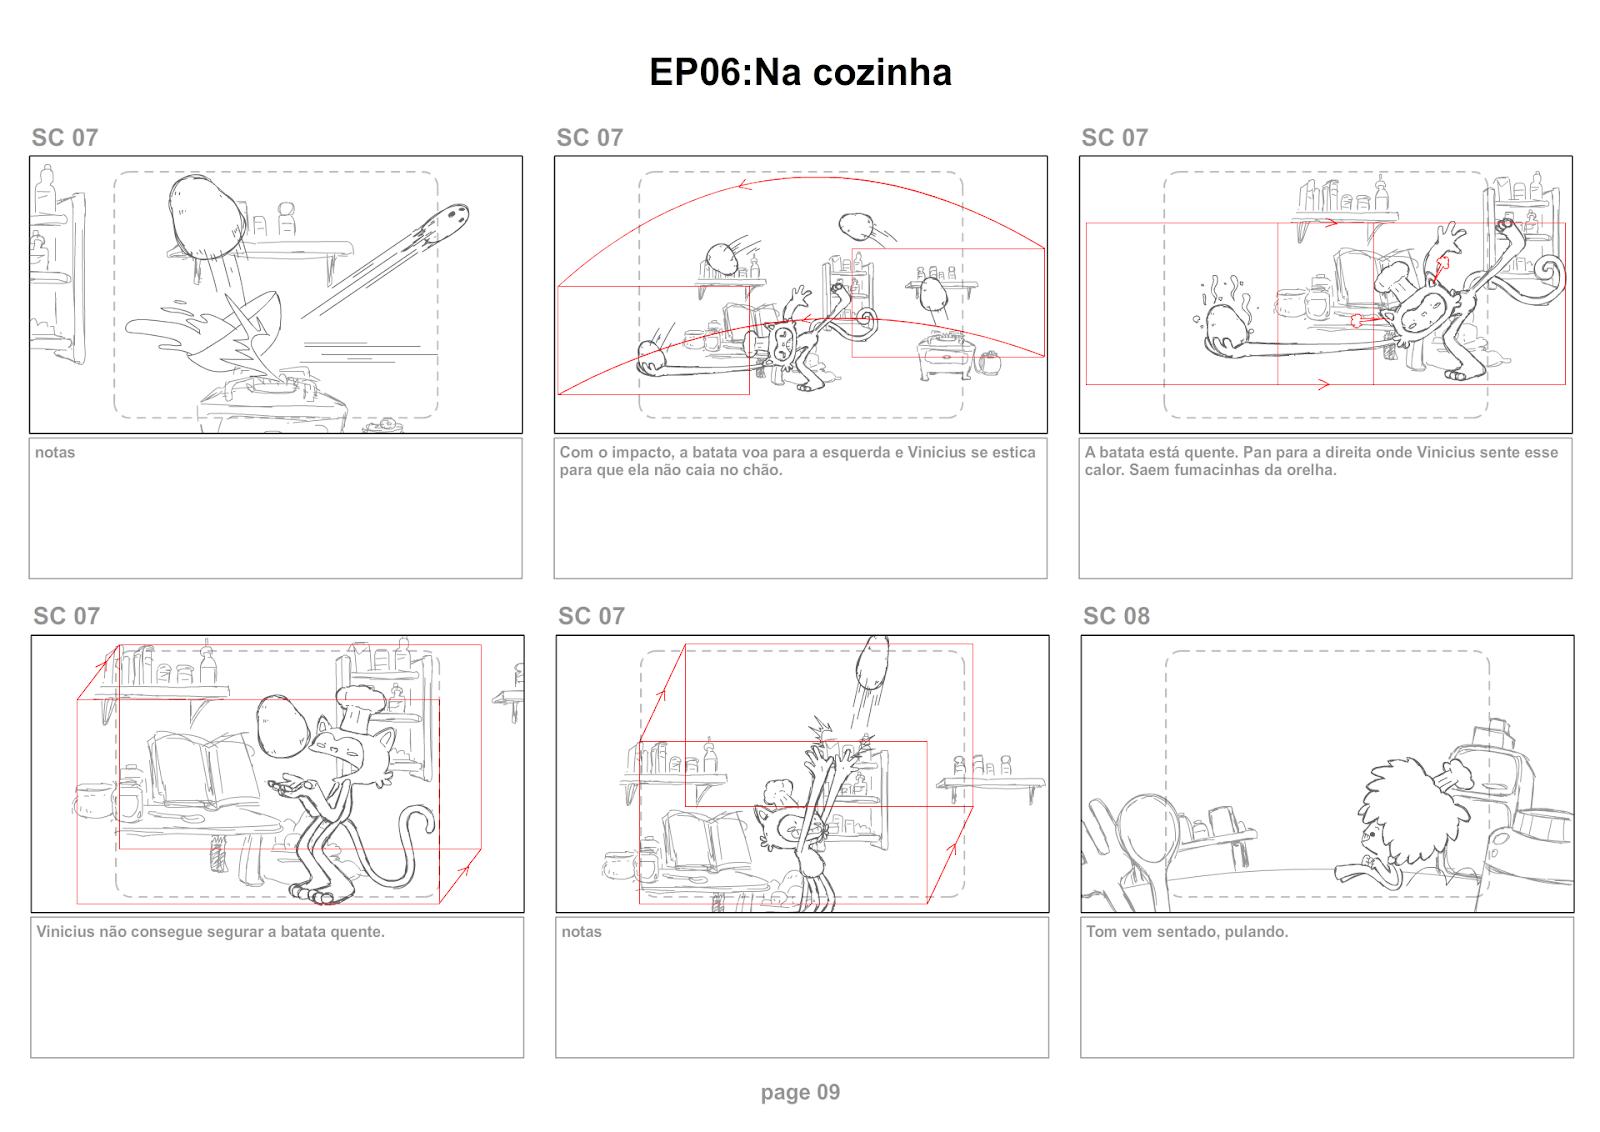 Mascotes EP 06 Na cozinha Storyboard_0009.png